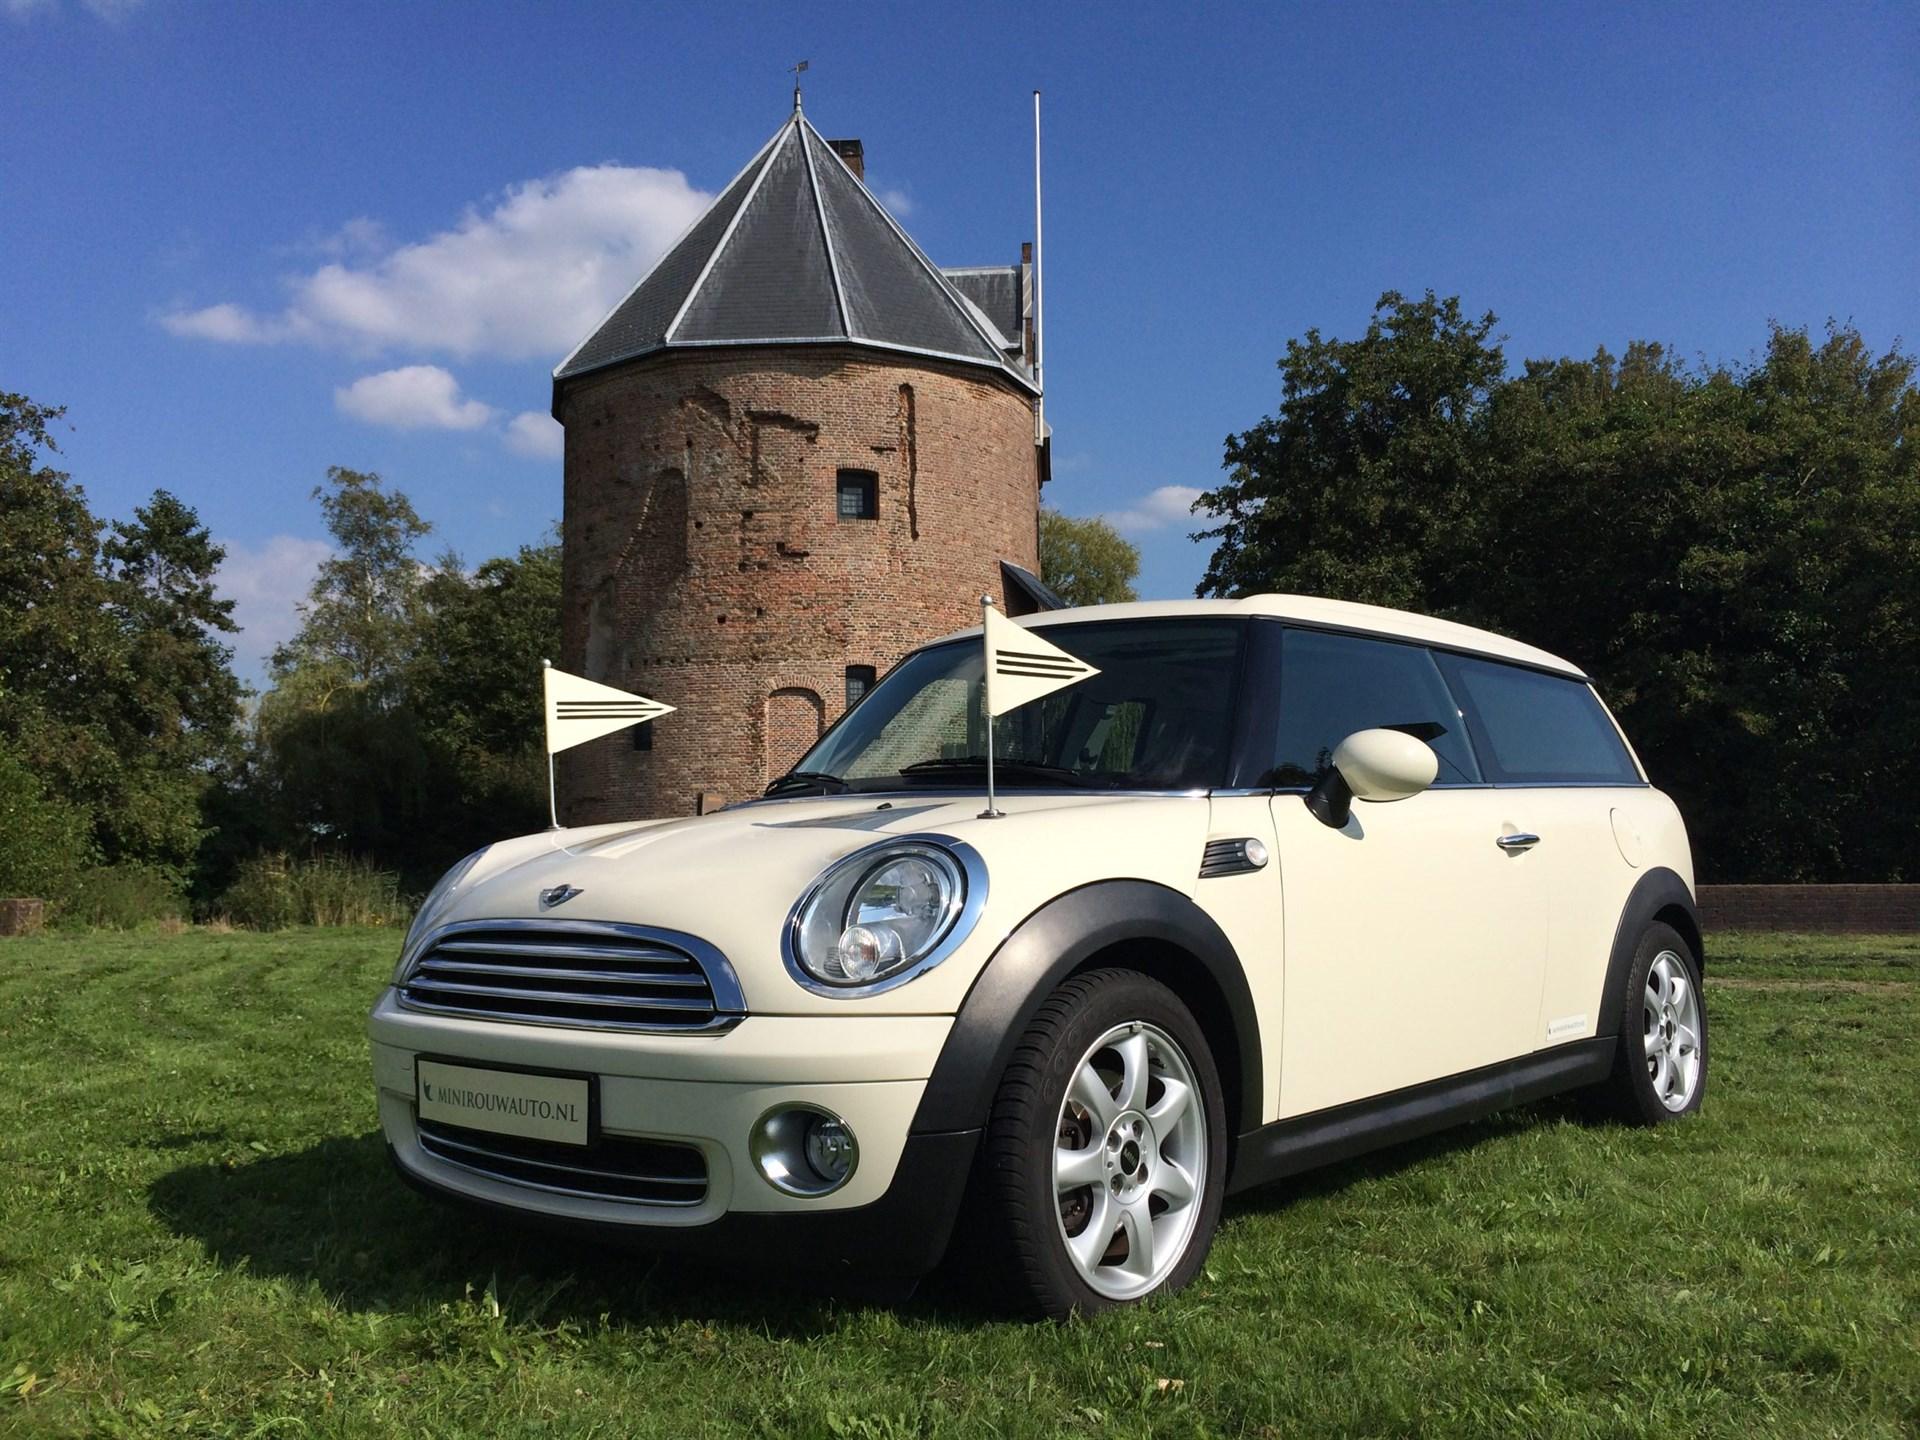 Minirouwauto uitvaart Mini